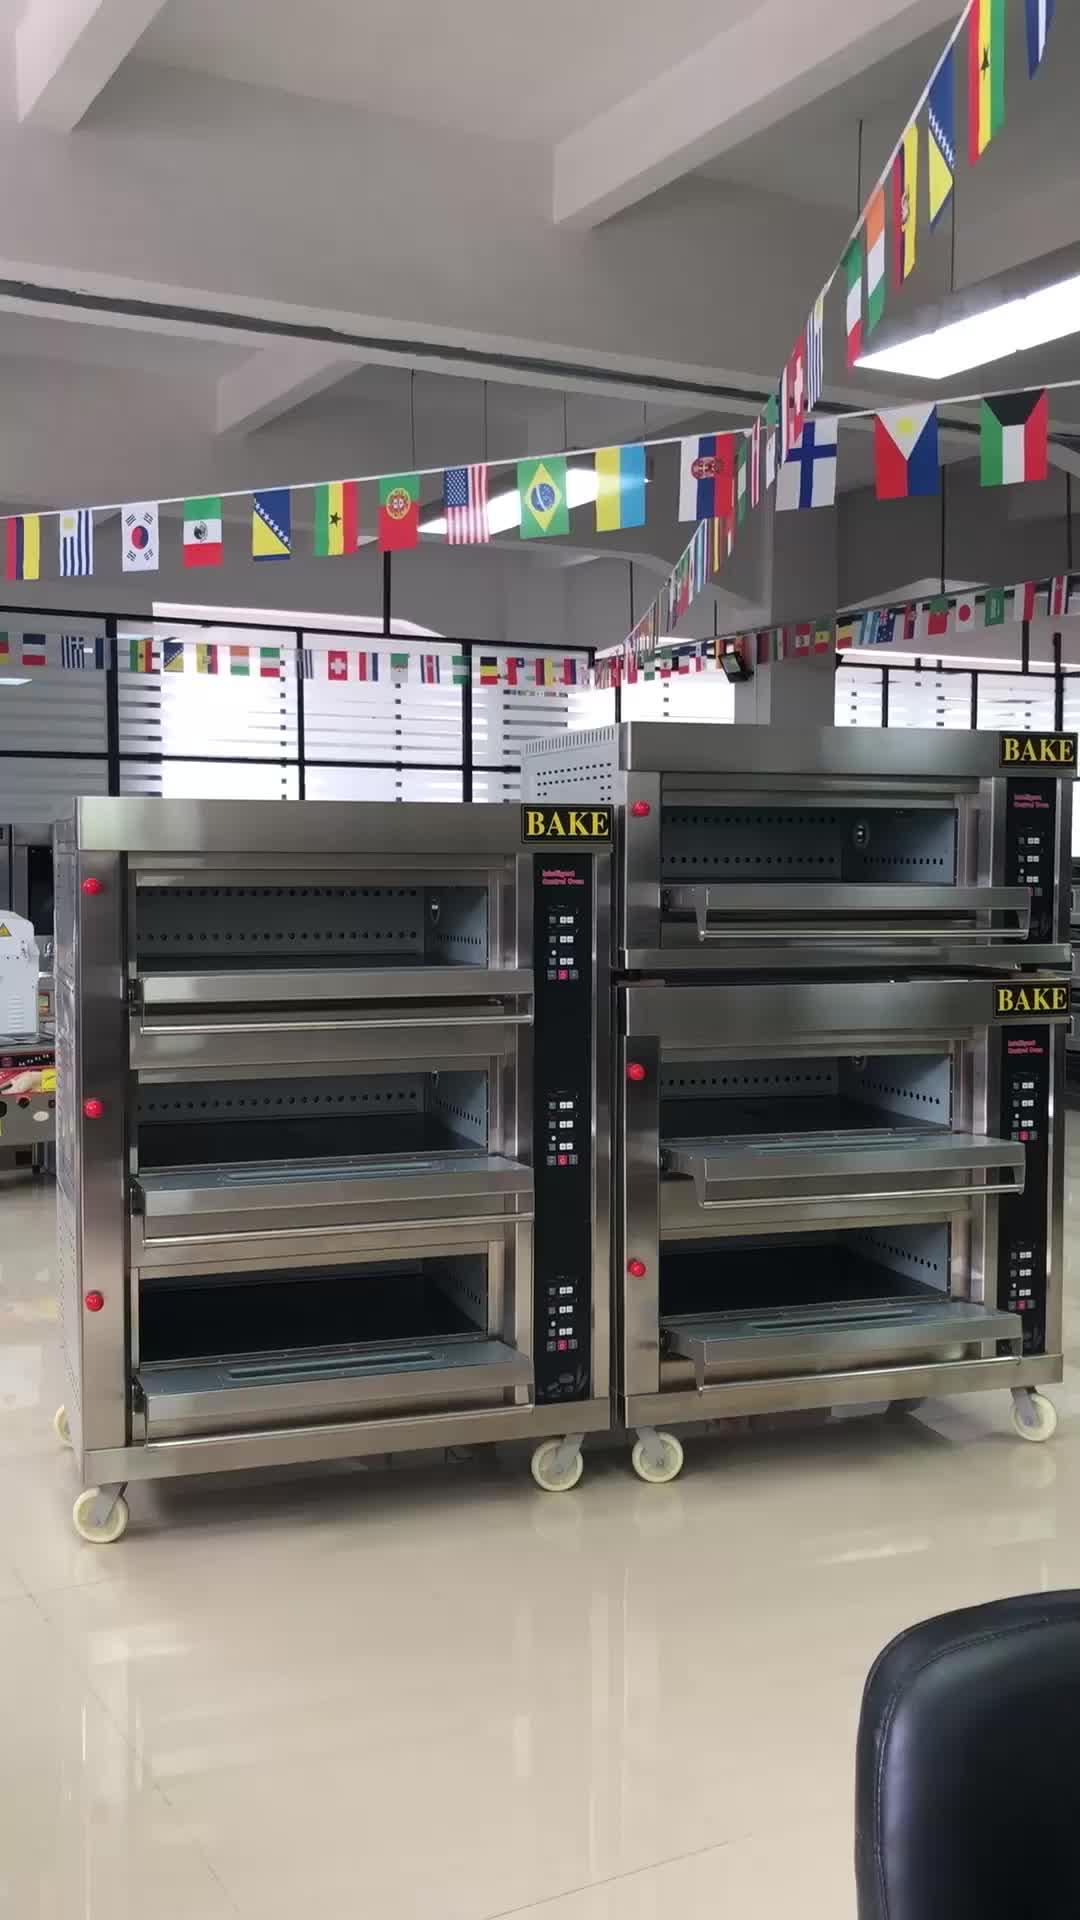 En iyi Fiyat Endüstriyel ekmek pişirme makinesi 3 Güverte Fırın Pasta pişirme fırını